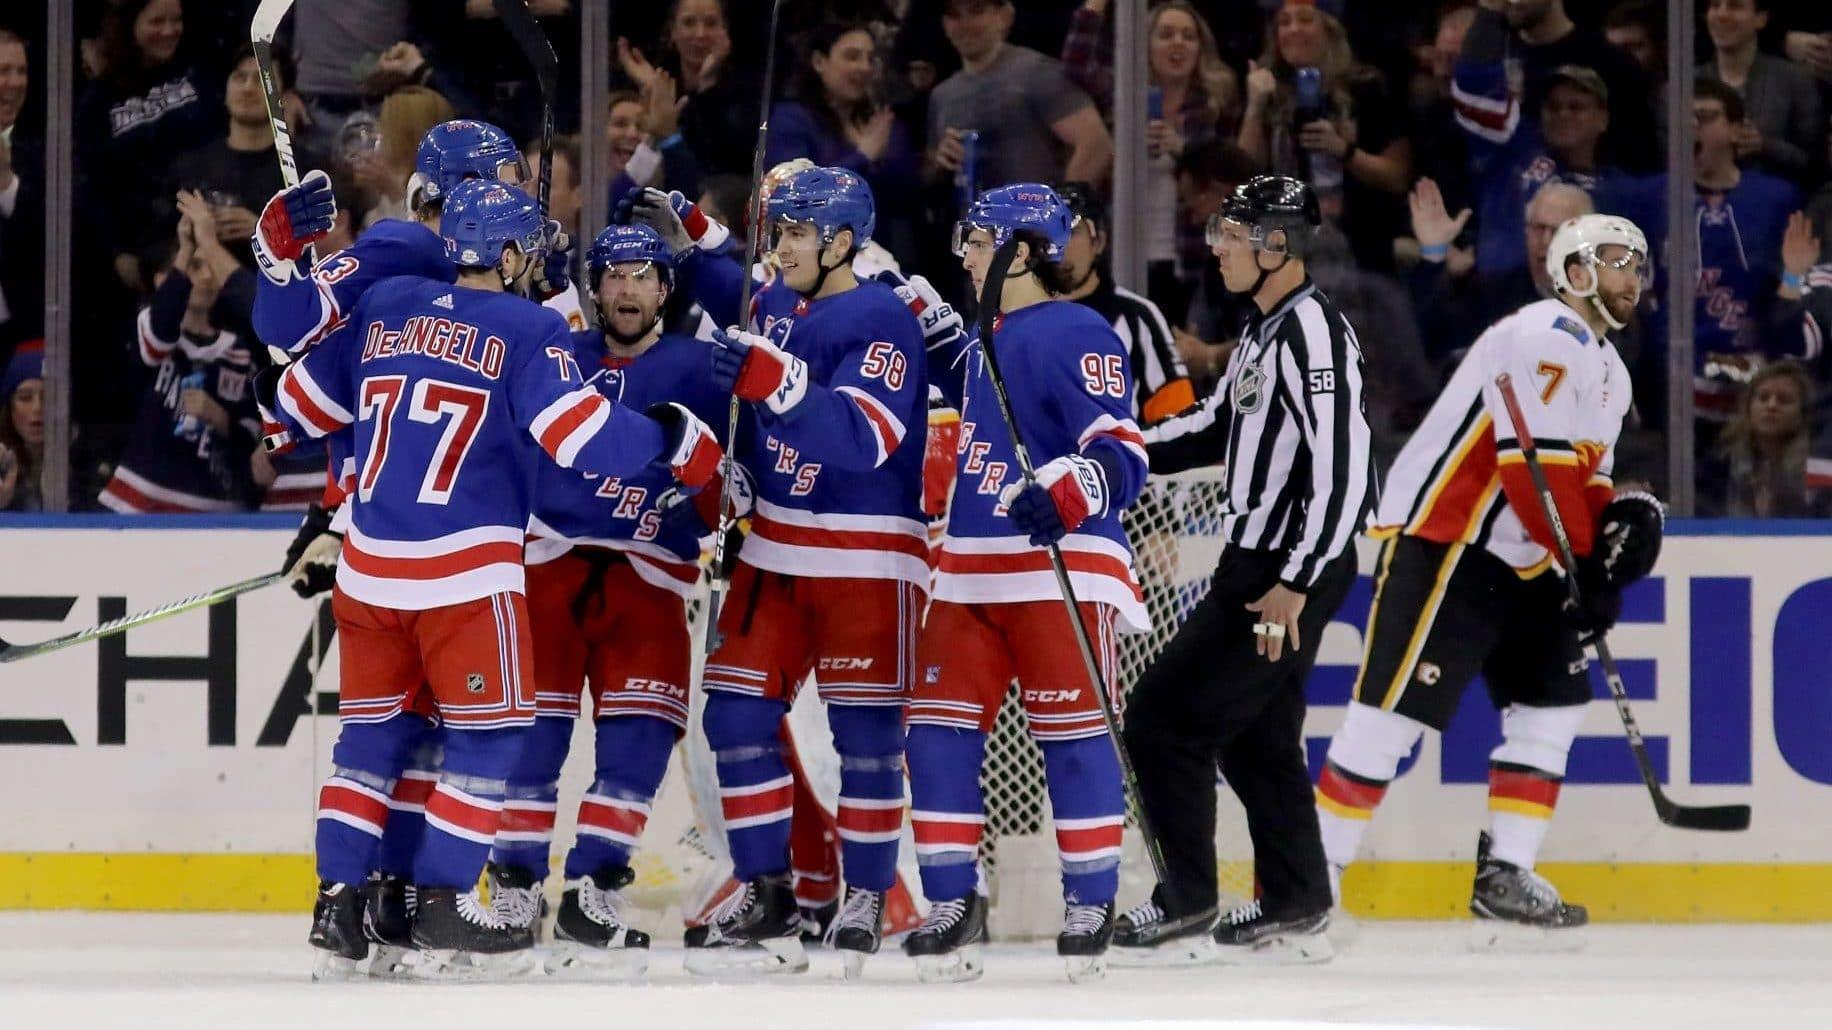 New York Rangers celebrate goal